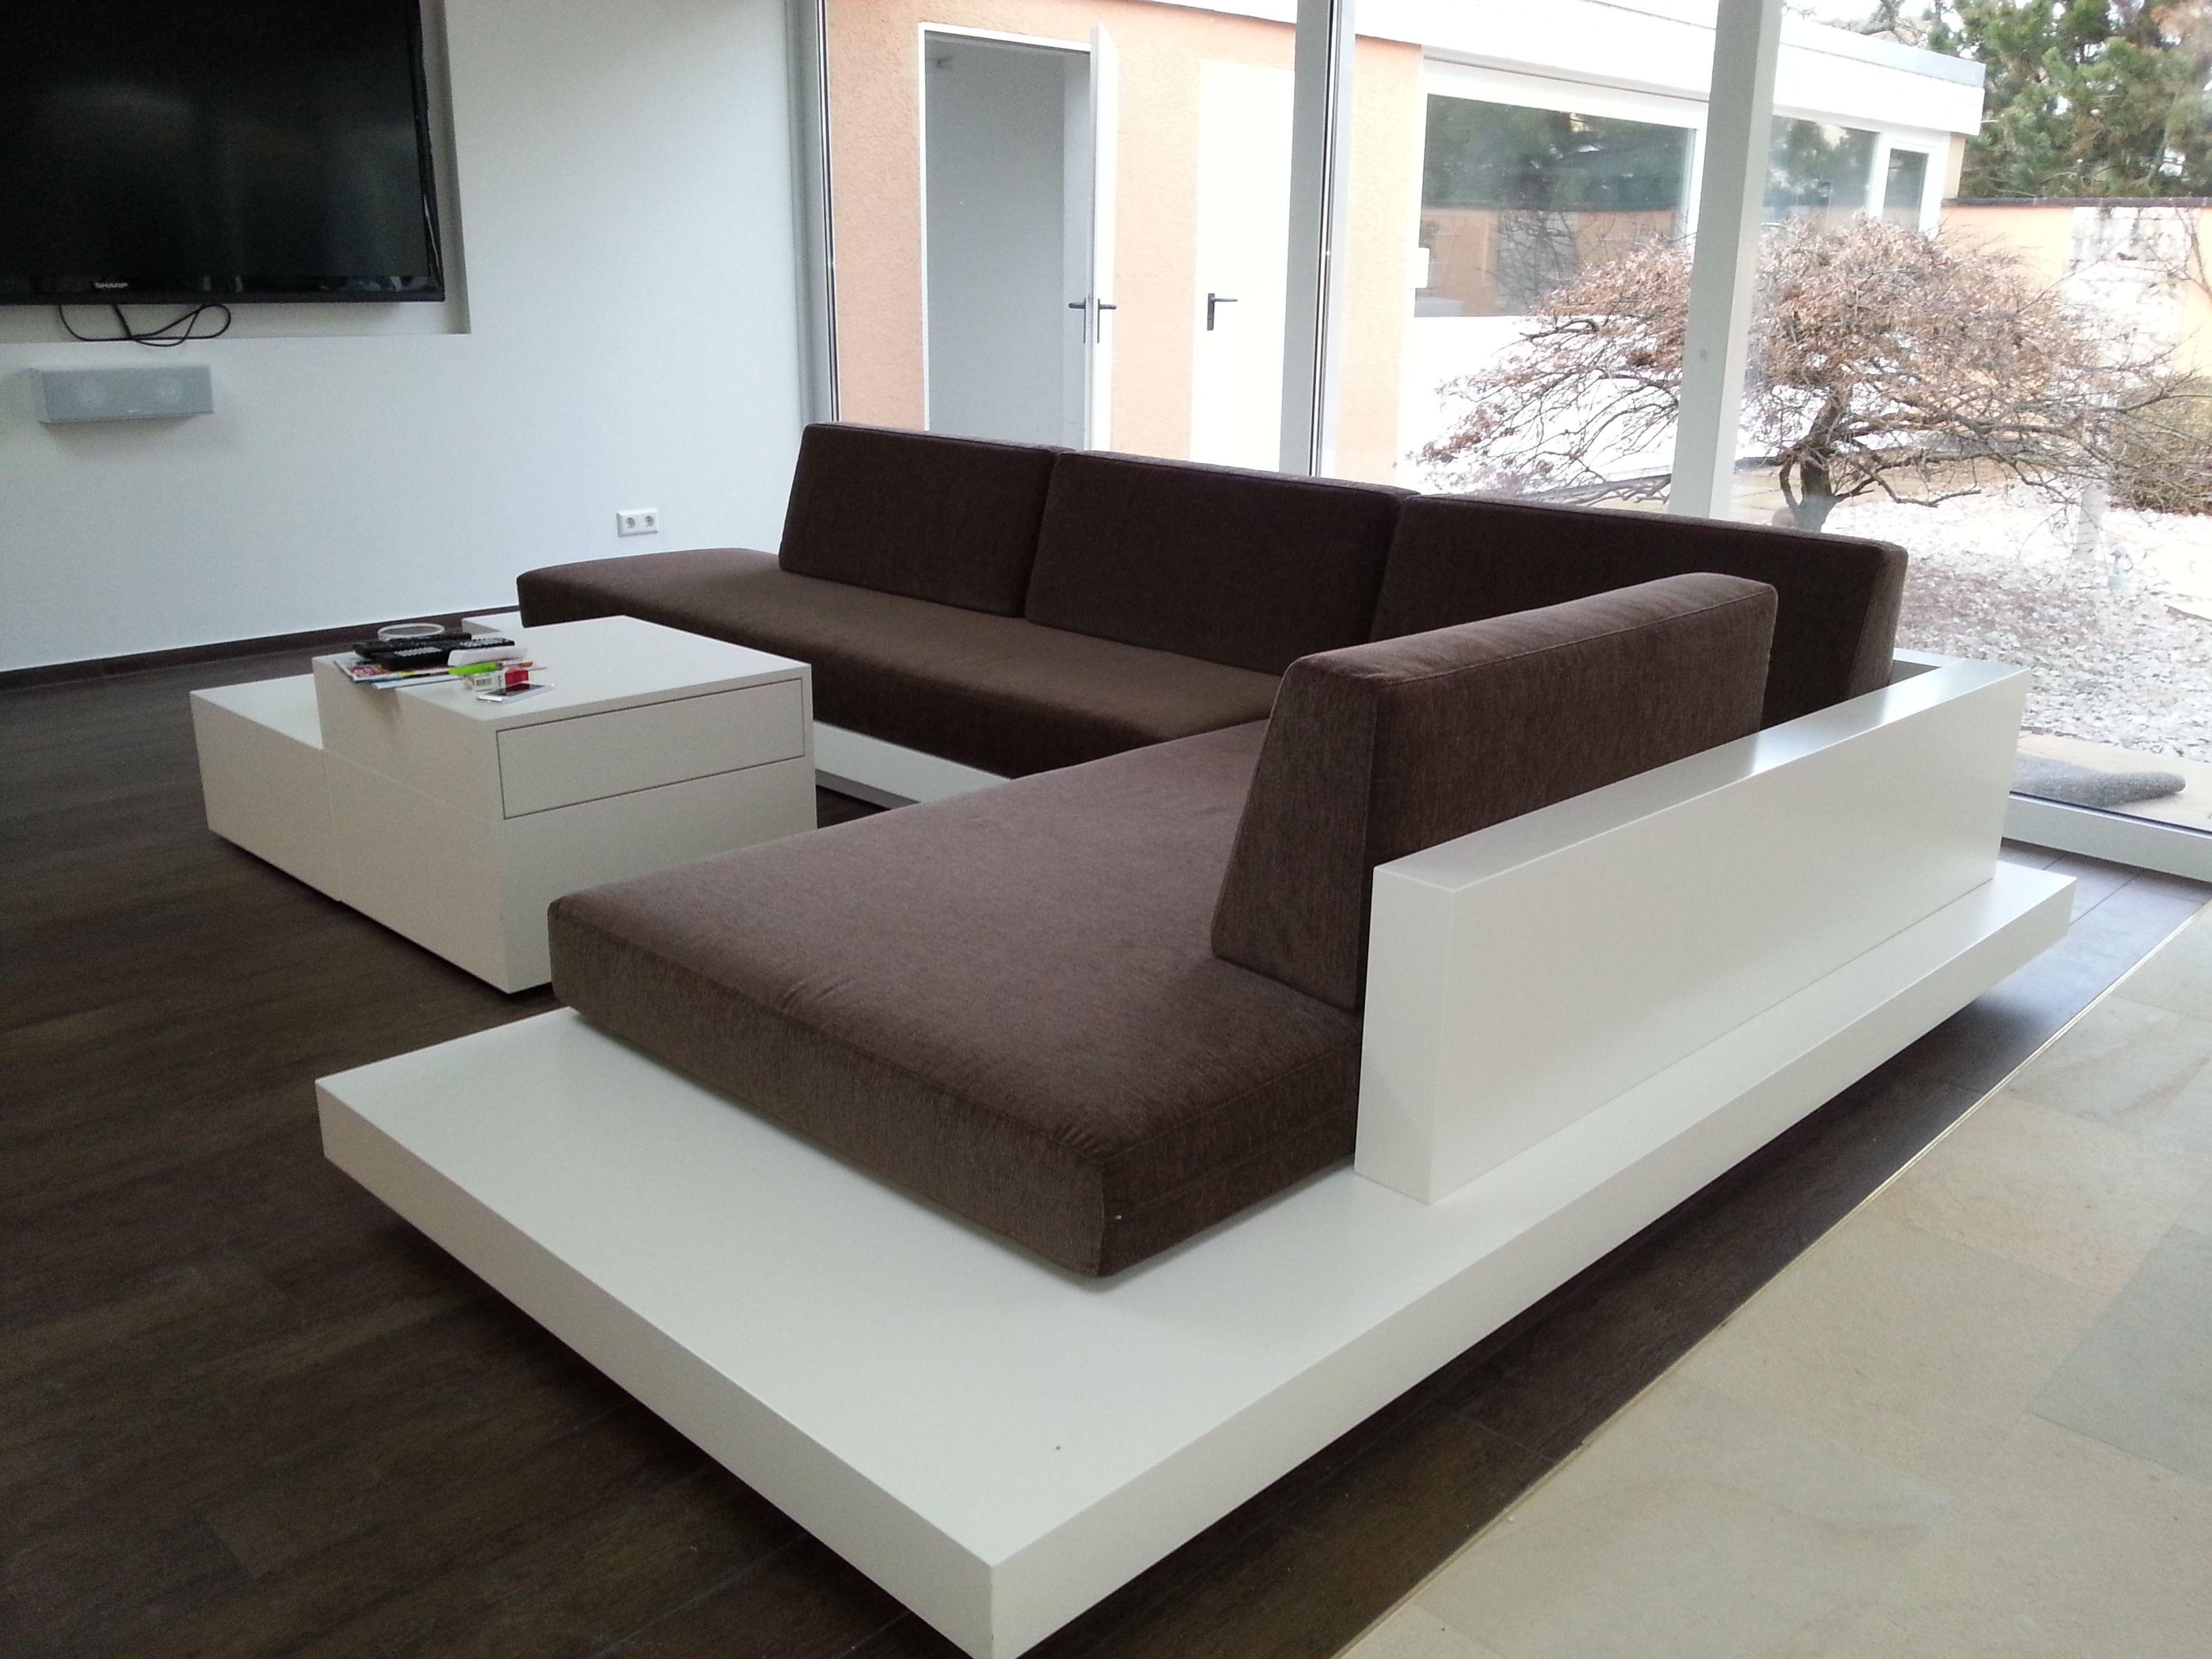 Couch Mit Indirekter Beleuchtung Innenarchitektur Zeitgenossische Mobel Kleines Zuhause